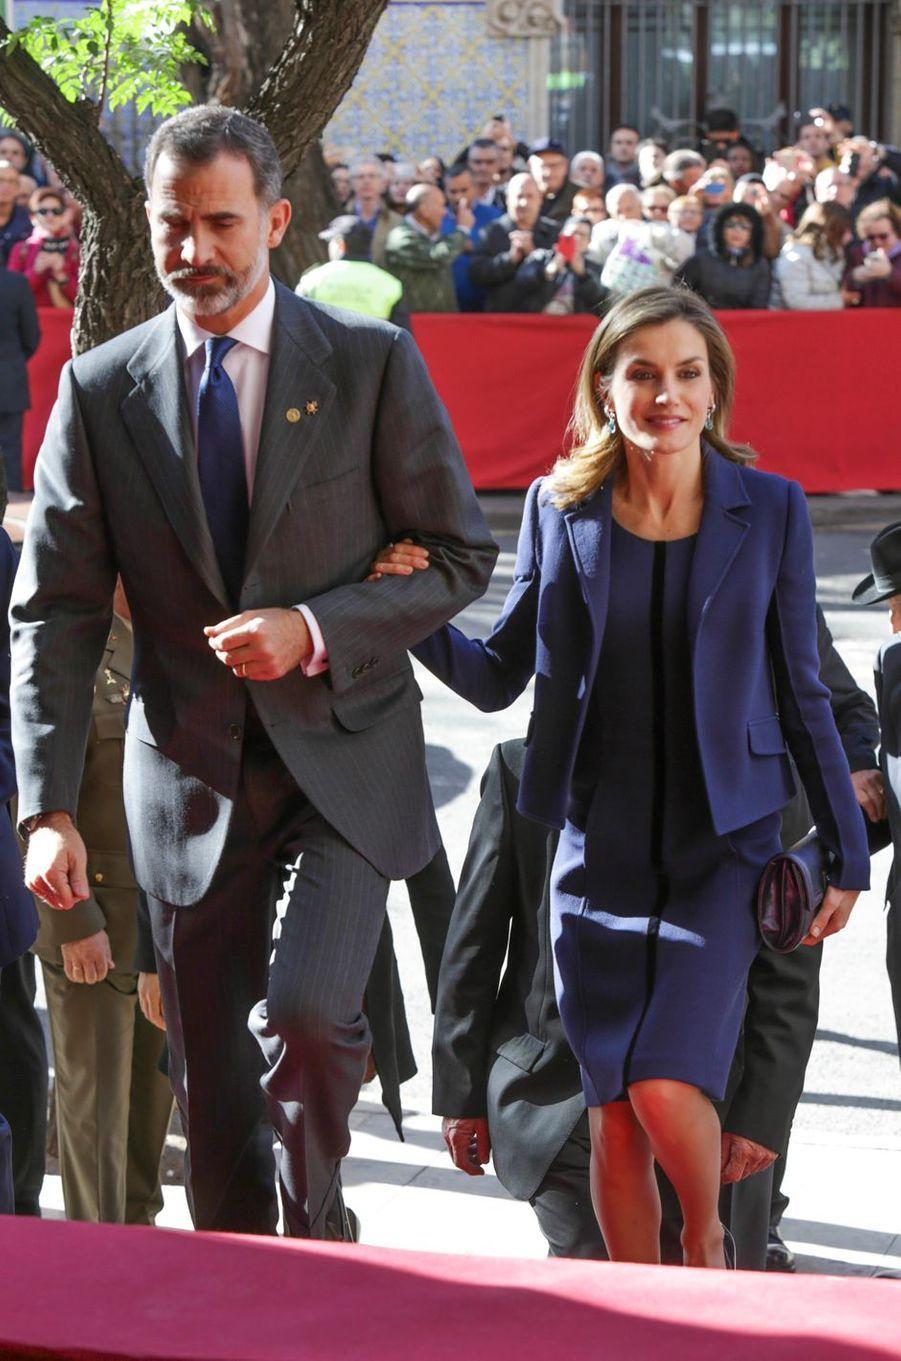 Le roi Felipe VI et la reine Letizia d'Espagne à Valence, le 24 novembre 2016